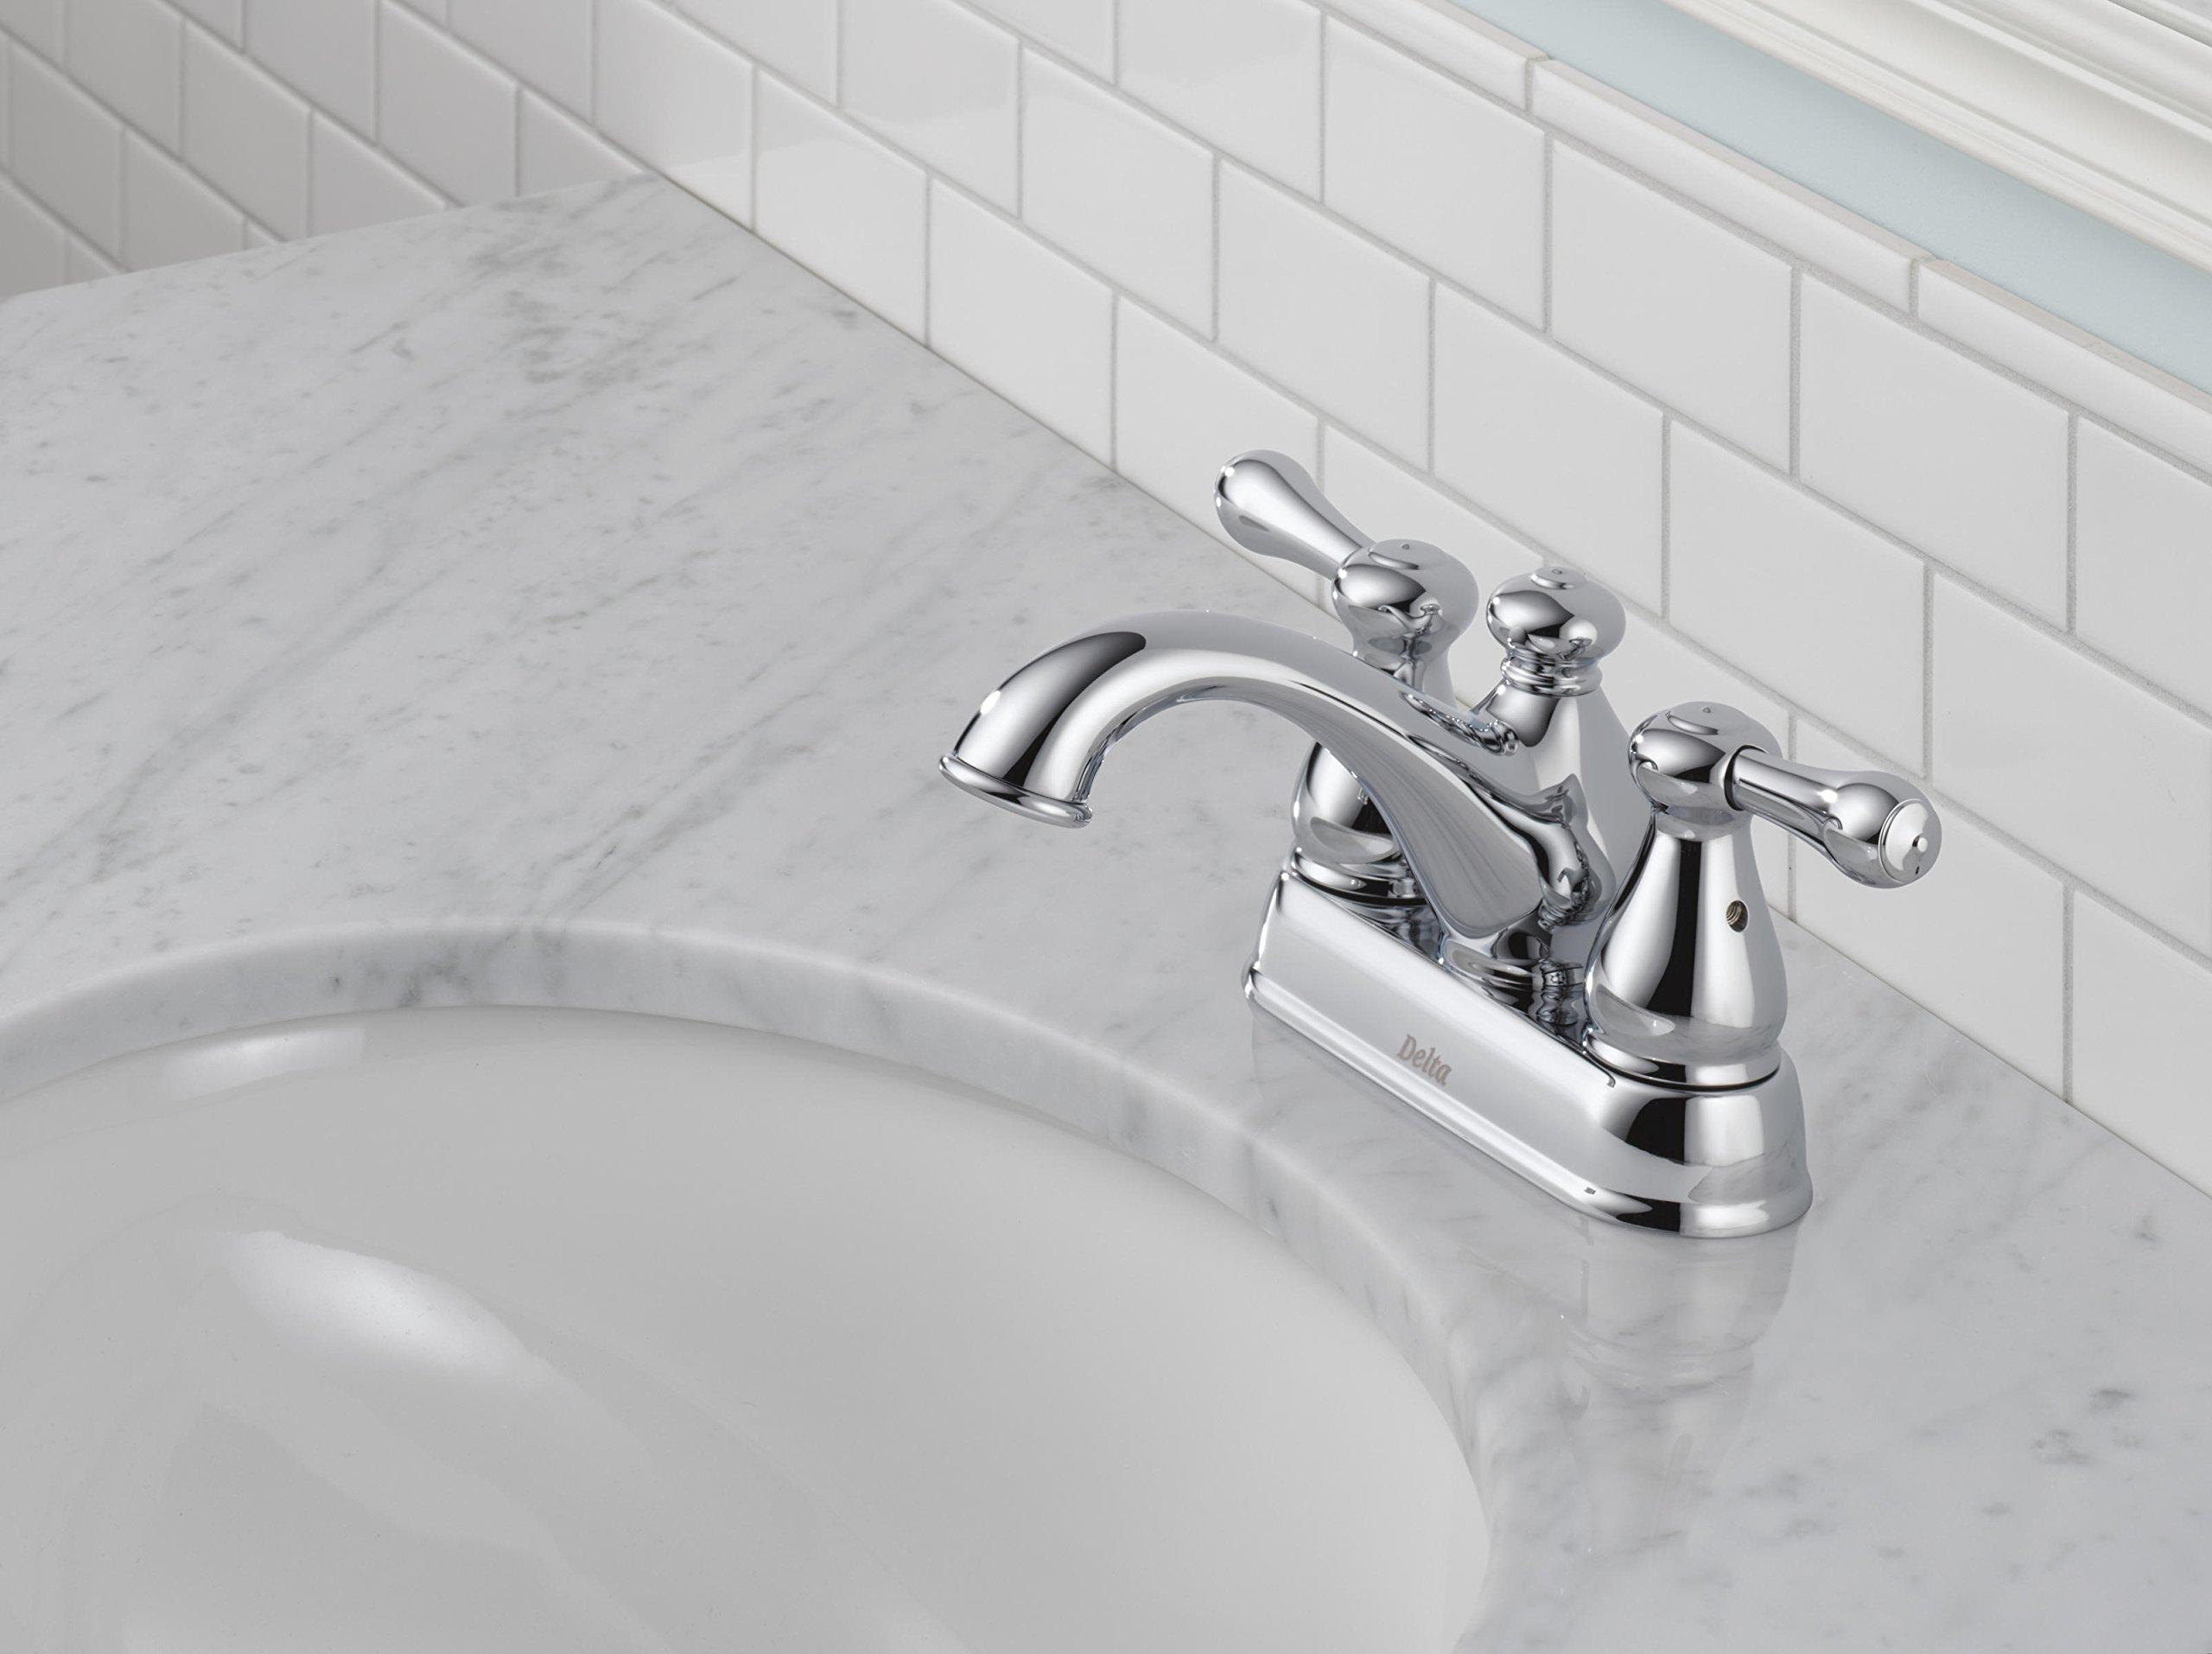 Delta 2578LF-278 Leland Two Handle Centerset Bathroom Faucet, Chrome